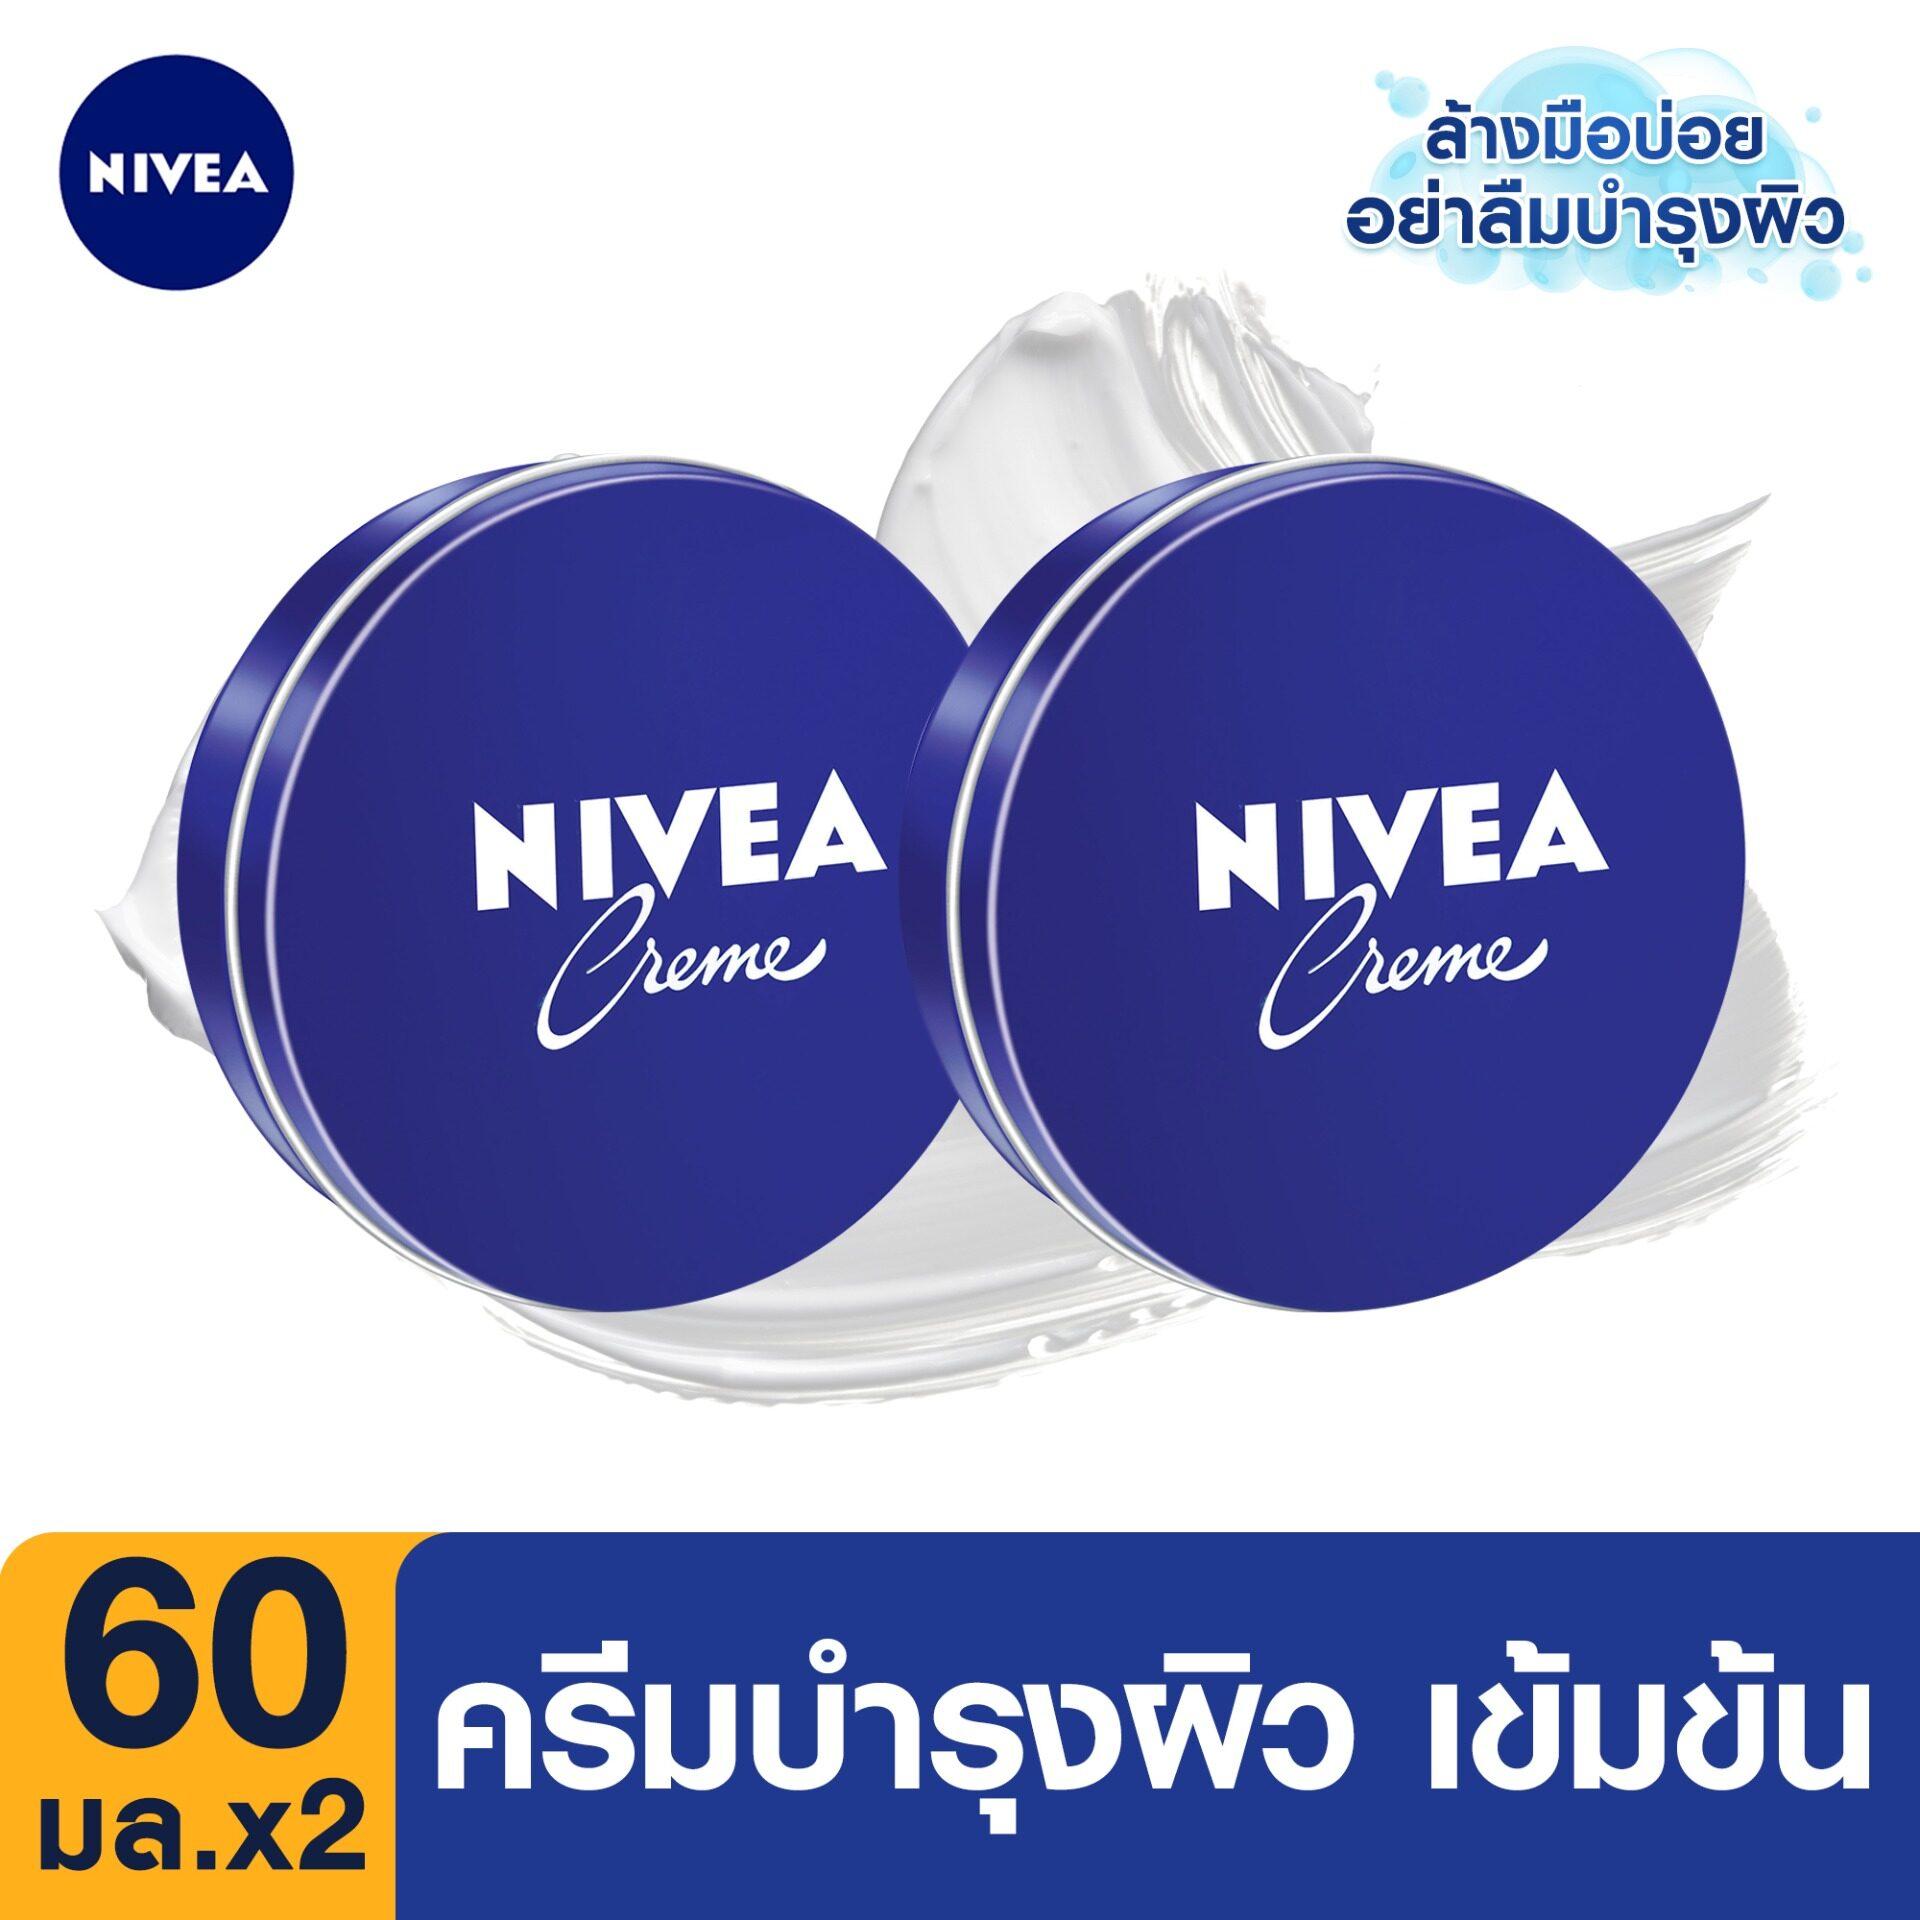 นีเวีย ครีม ครีมบำรุงผิวสูตรเข้มข้น 60 มล. 2ชิ้น NIVEA Cream CREME 60 ml 2pcs. (ครีม, ครีมบำรุงผิว, นีเวีย, มอยเจอร์ไรเซอร์, ครีมทาผิว, ครีมทาตัว, ครีมทาผิวขาว, ป้องกัน, ผิวแห้ง, ดูแลผิว, ลบรอย, แผลเป็น, ลดรอยแตกลาย, ผิวแห้งมาก)